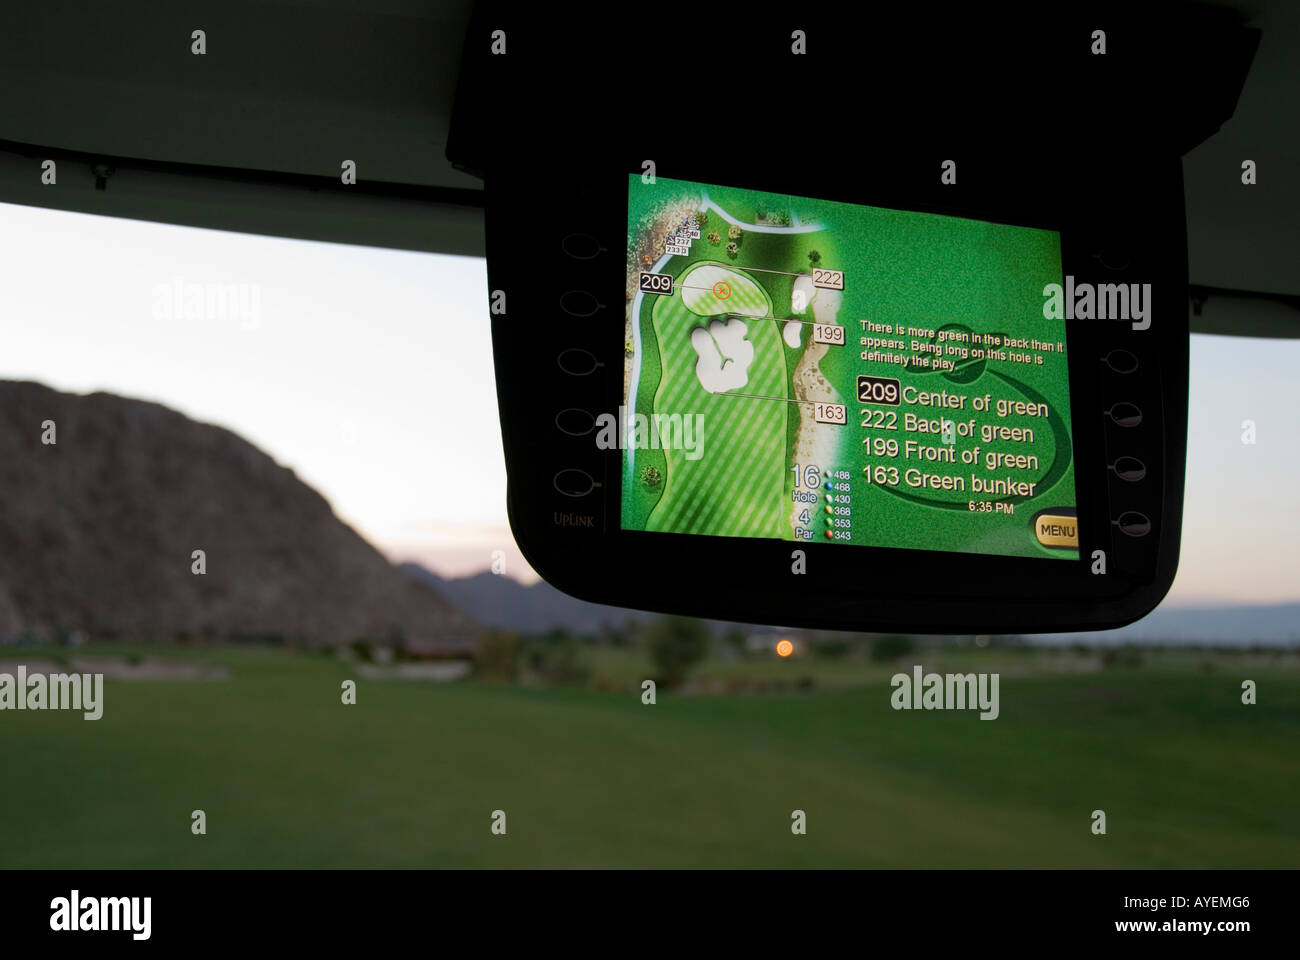 Gps Entfernungsmesser : Range finder stockfotos & bilder alamy